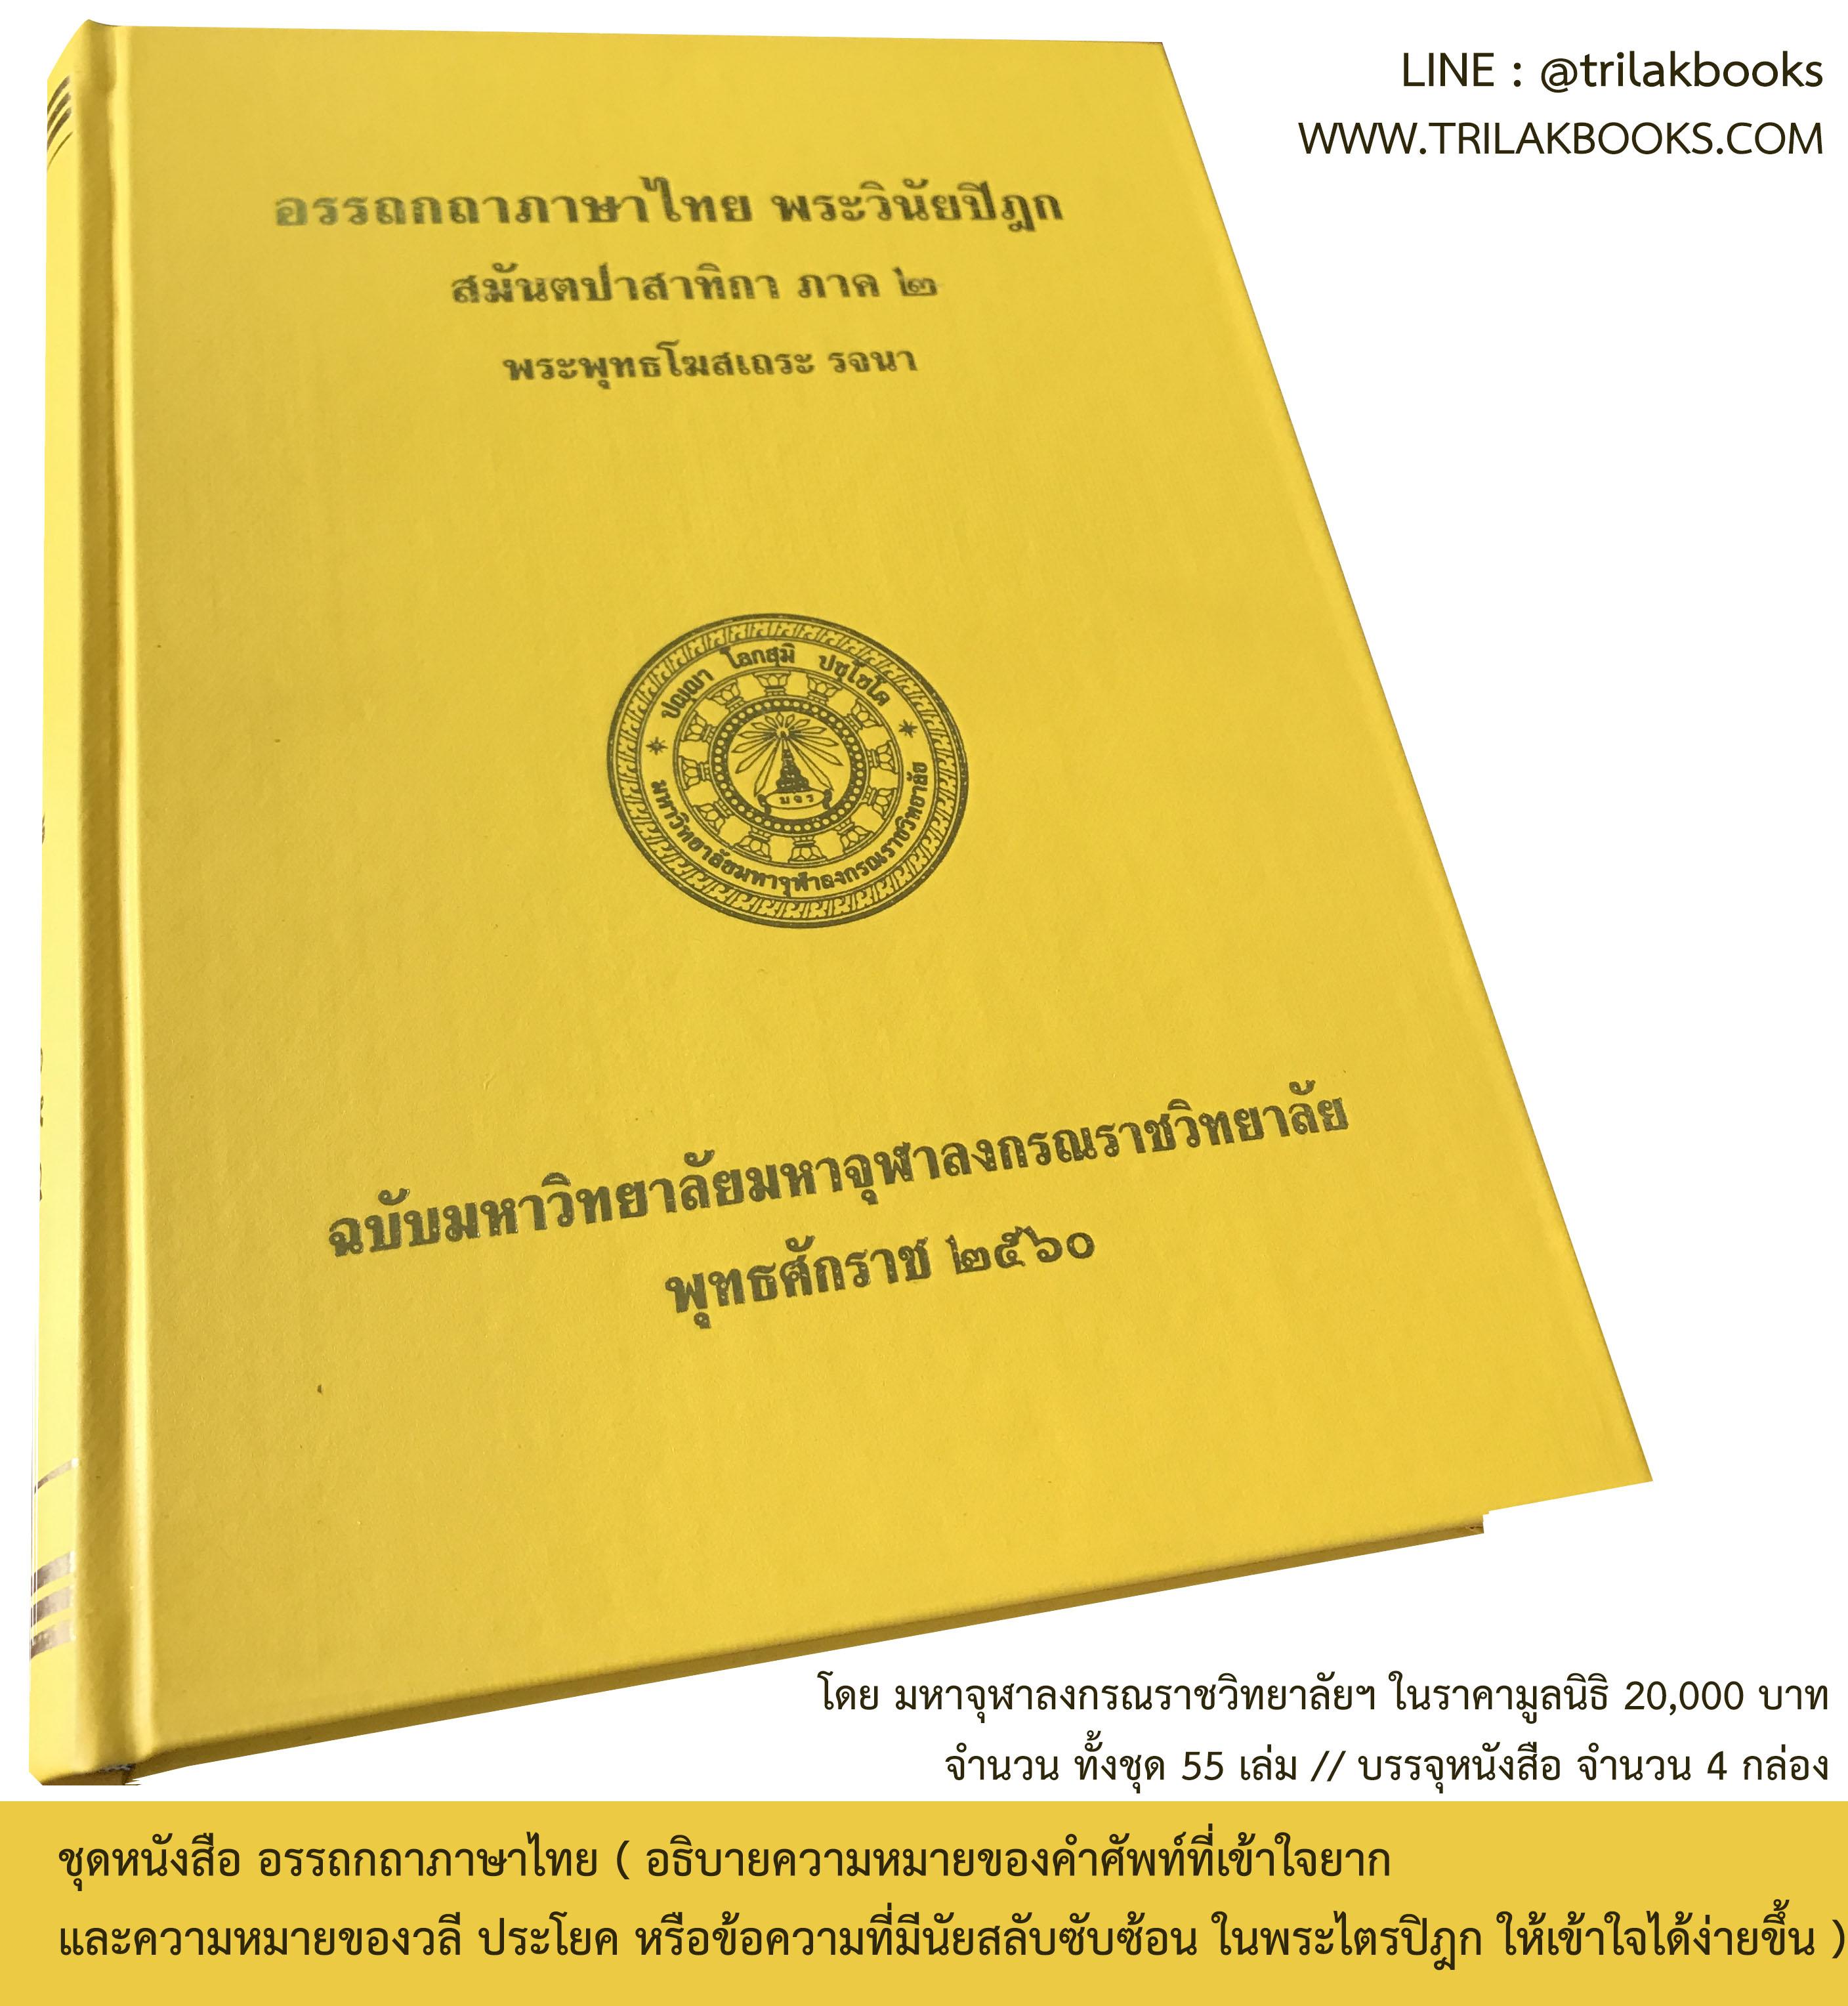 หนังสืออรรถกถาแปลไทย จากหนังสือพระไตรปิฎกภาษาไทย